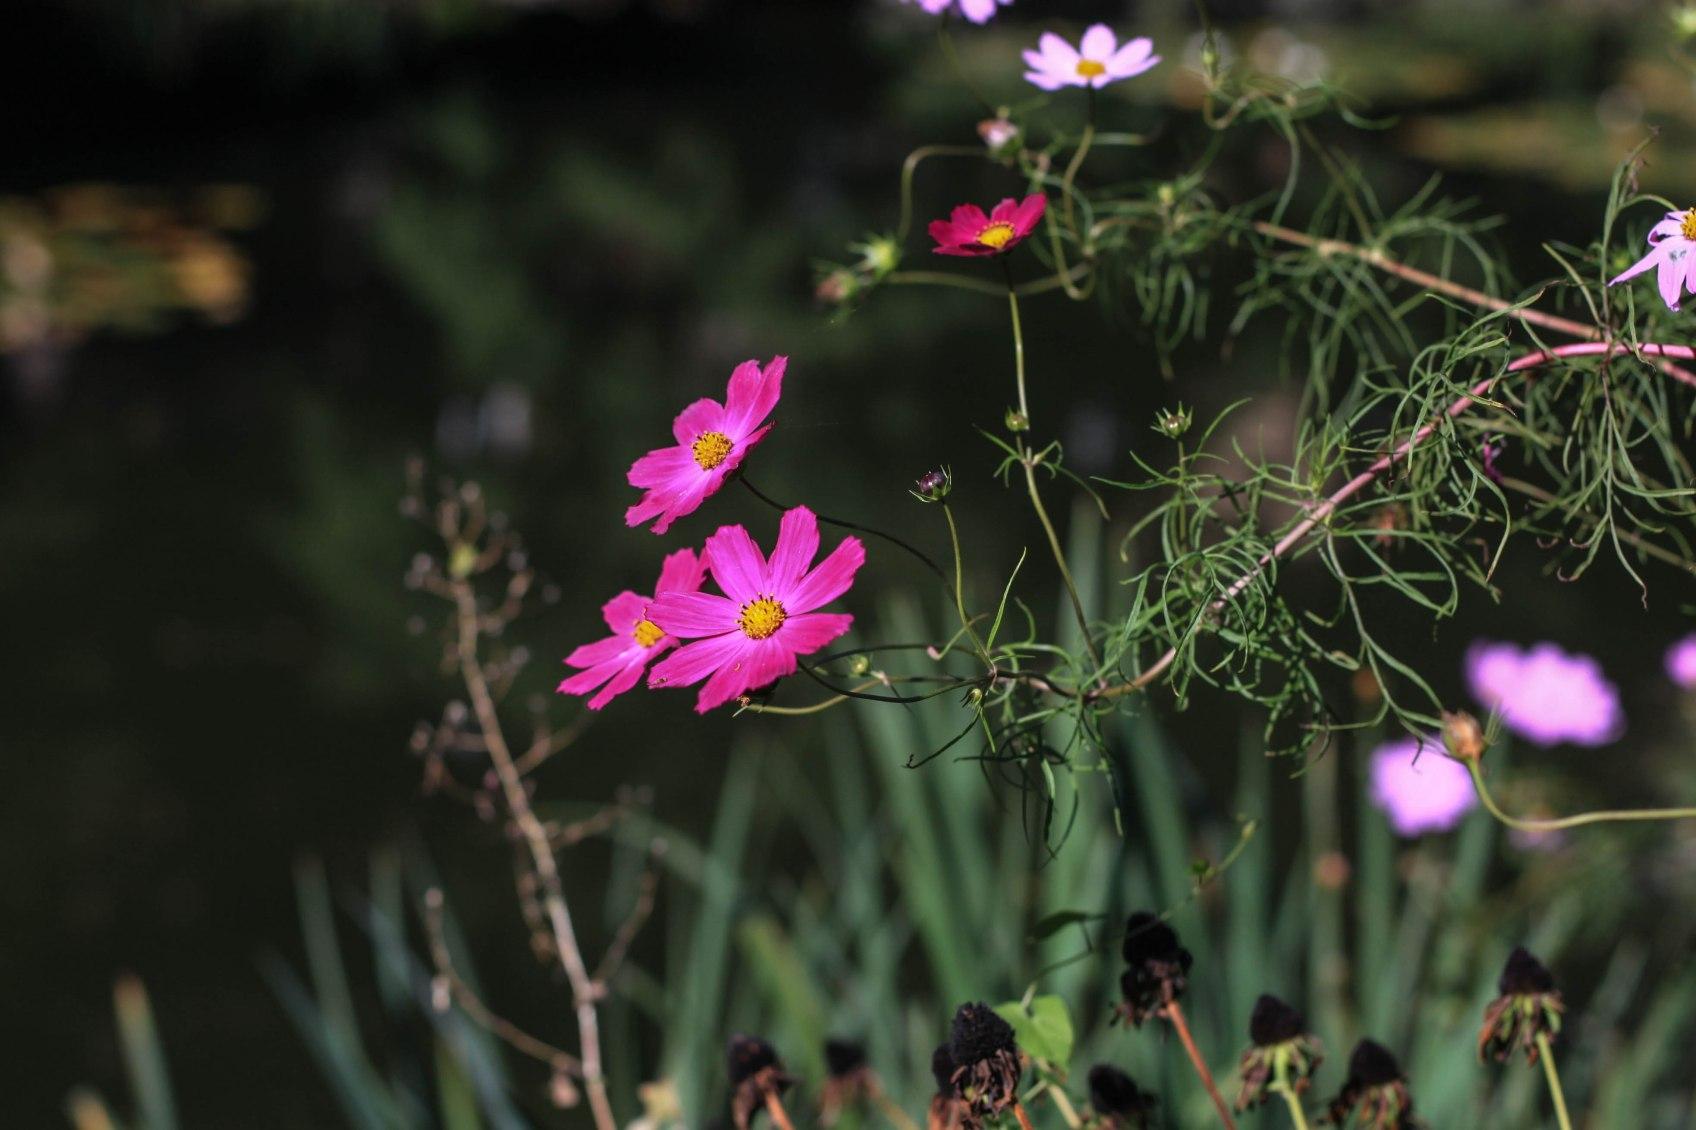 Stilvolle pinkrosa Blüten.